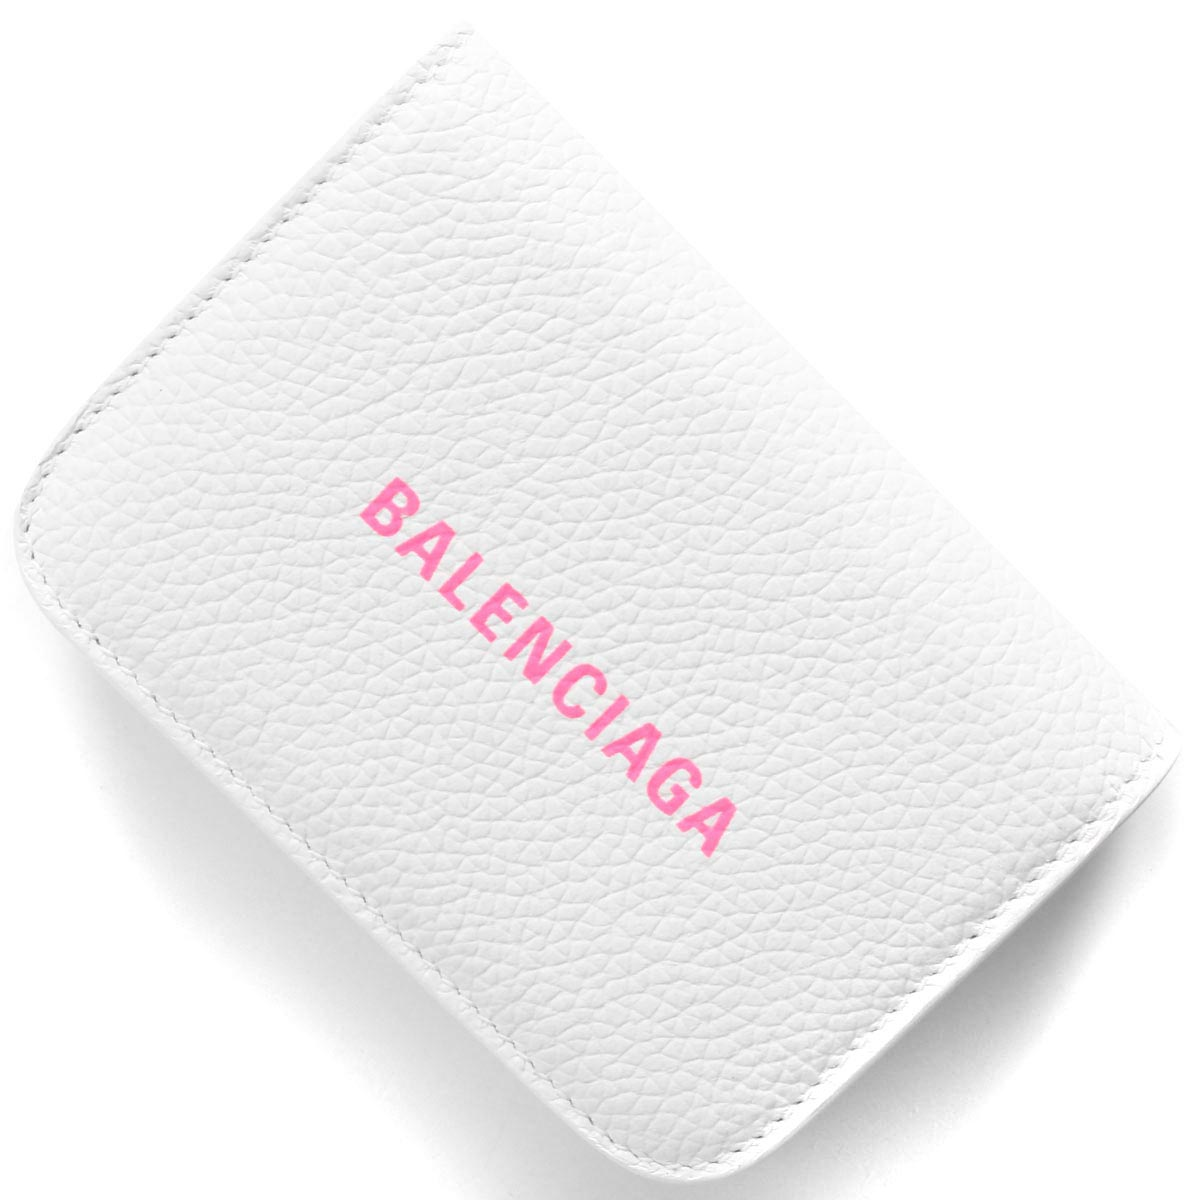 バレンシアガ 三つ折り財布/ミニ財布 財布 レディース キャッシュ ブランホワイト&フルアピンク 593813 1IZF3 9066 2020年春夏新作 BALENCIAGA